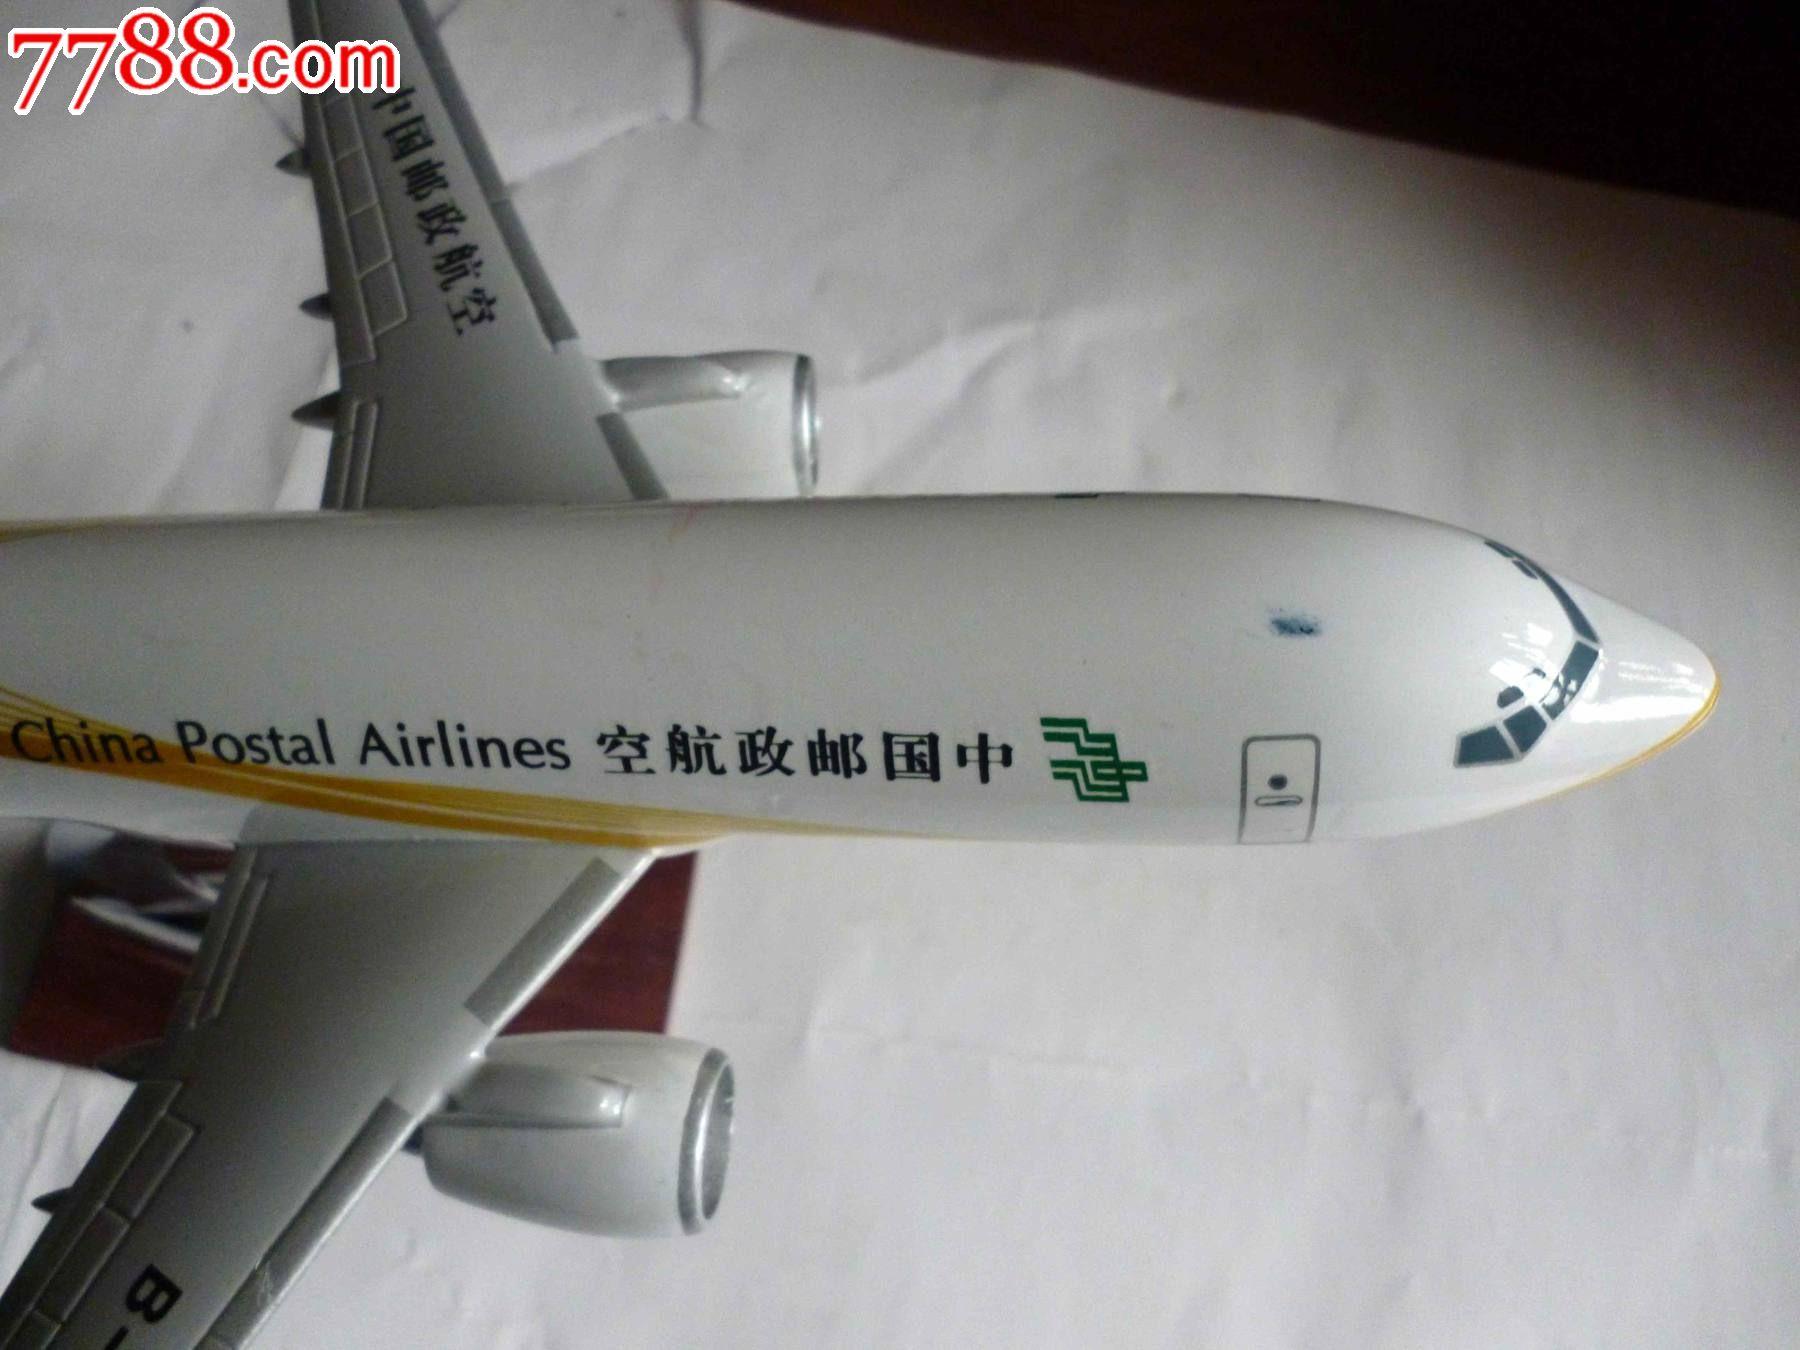 中国邮政航空飞机模型【追梦人生】_第2张_7788收藏__中国收藏热线